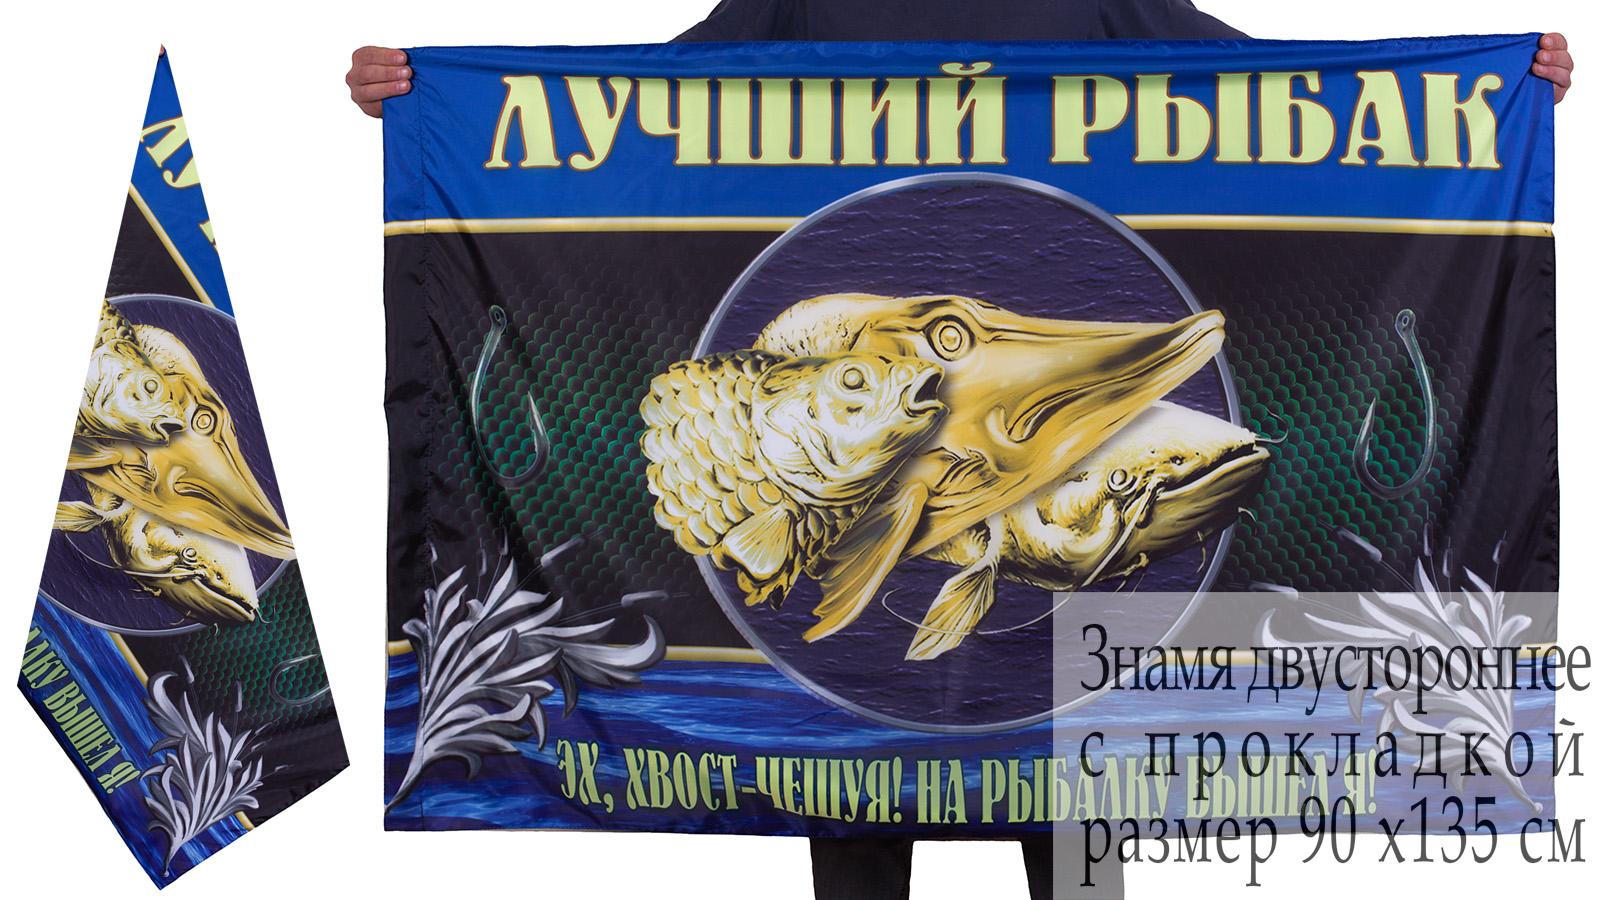 Прикольные флаги - новогодние подарки от производителя